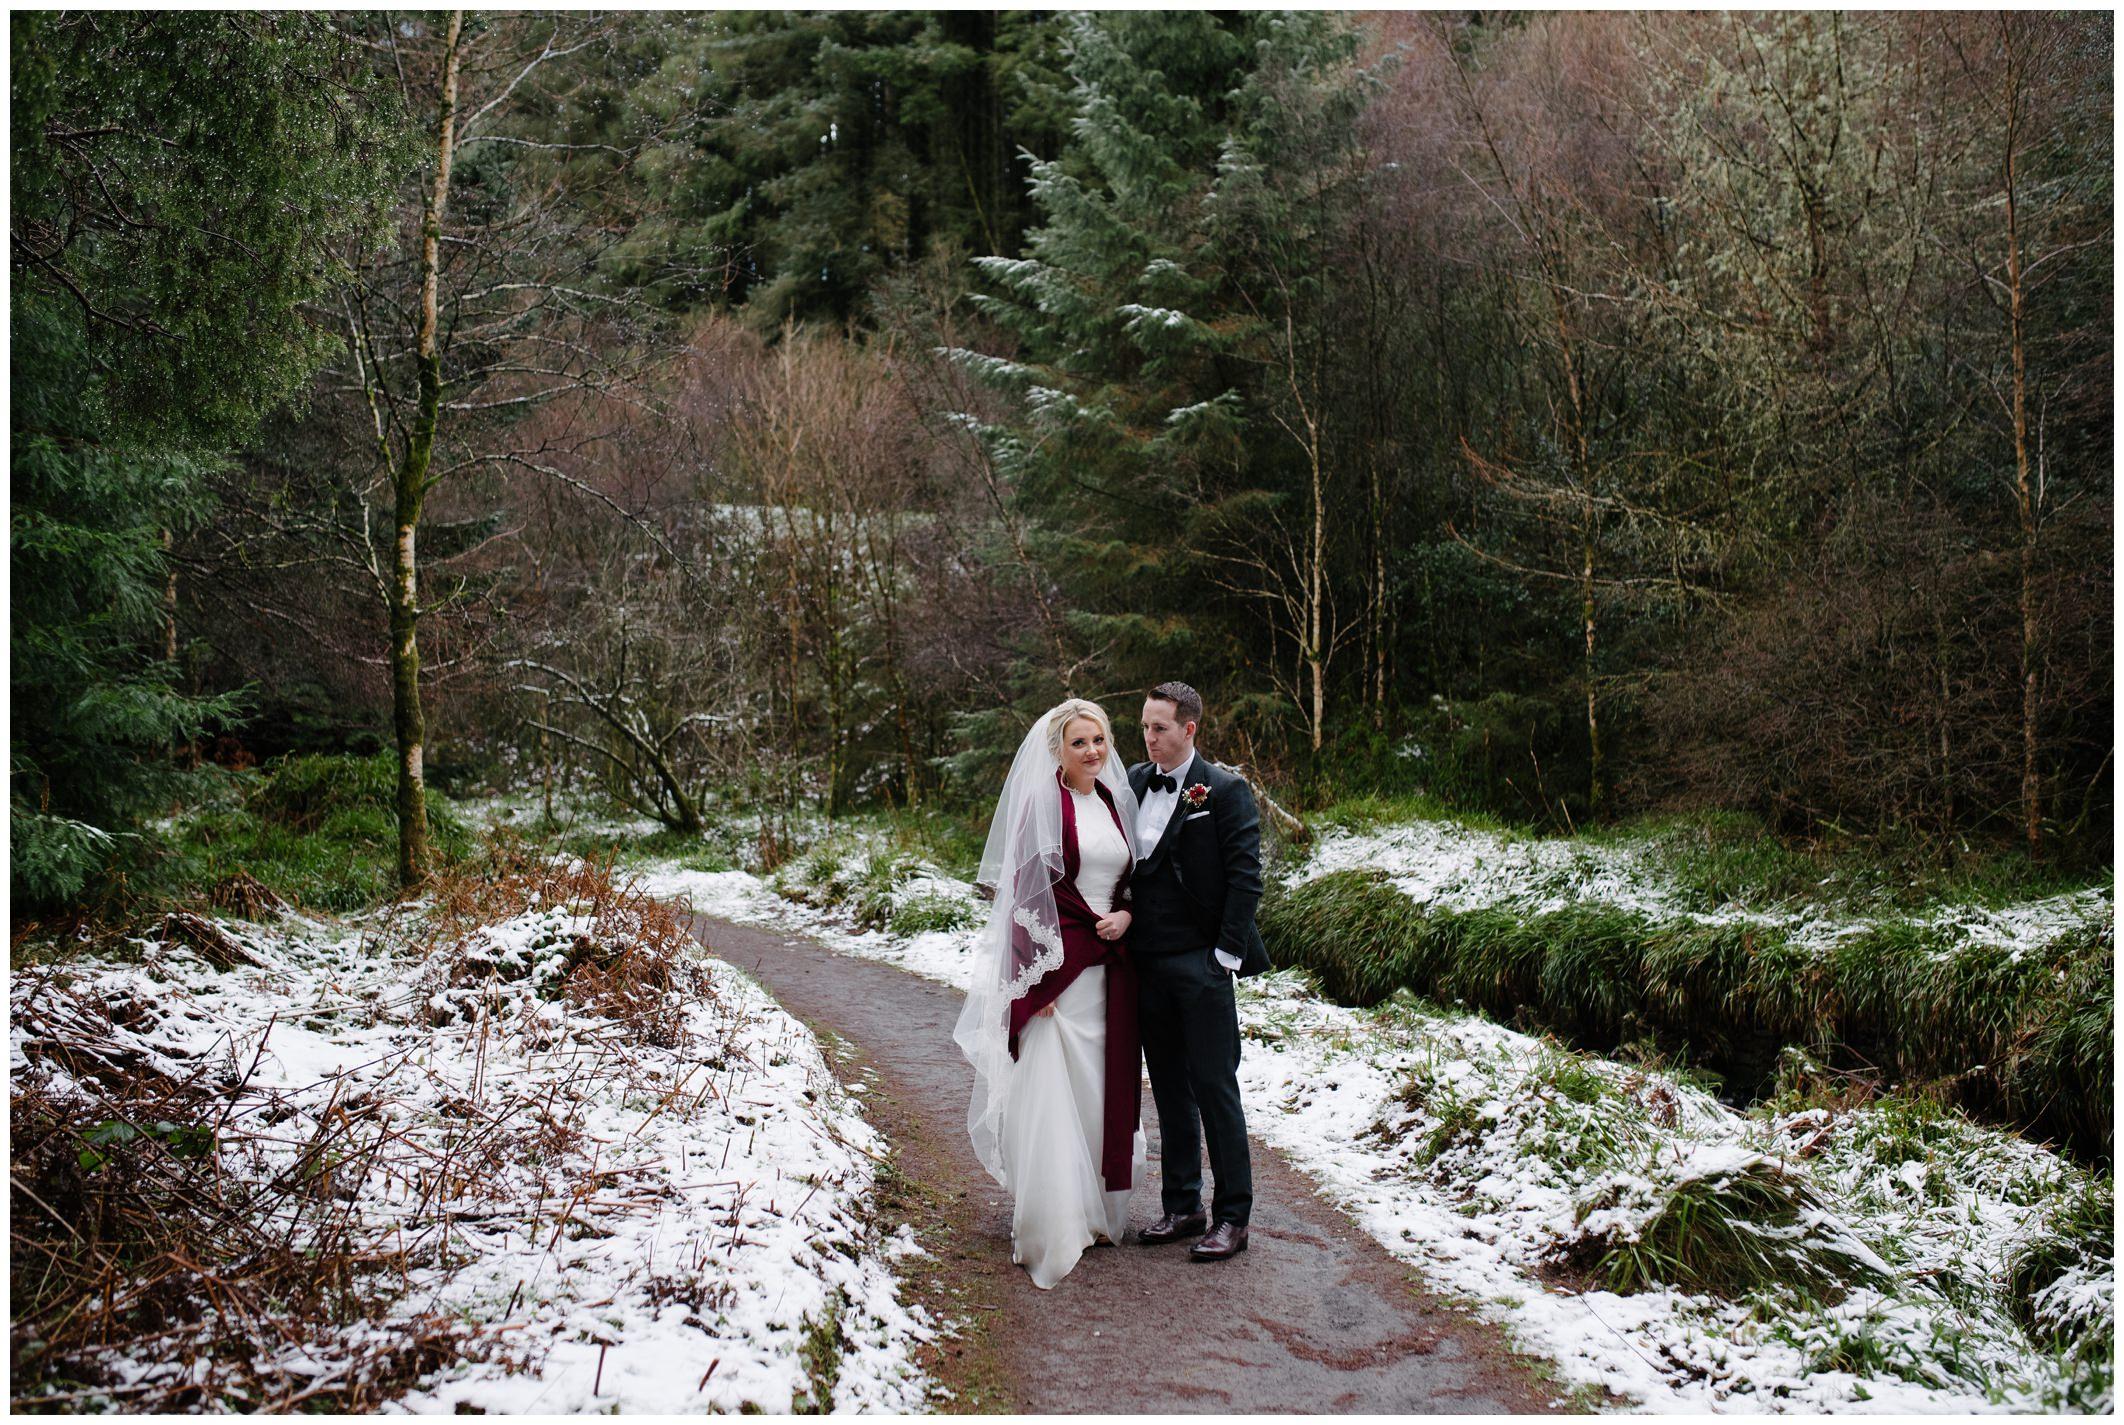 silver_tassie_wedding_jude_browne_photography_0060.jpg